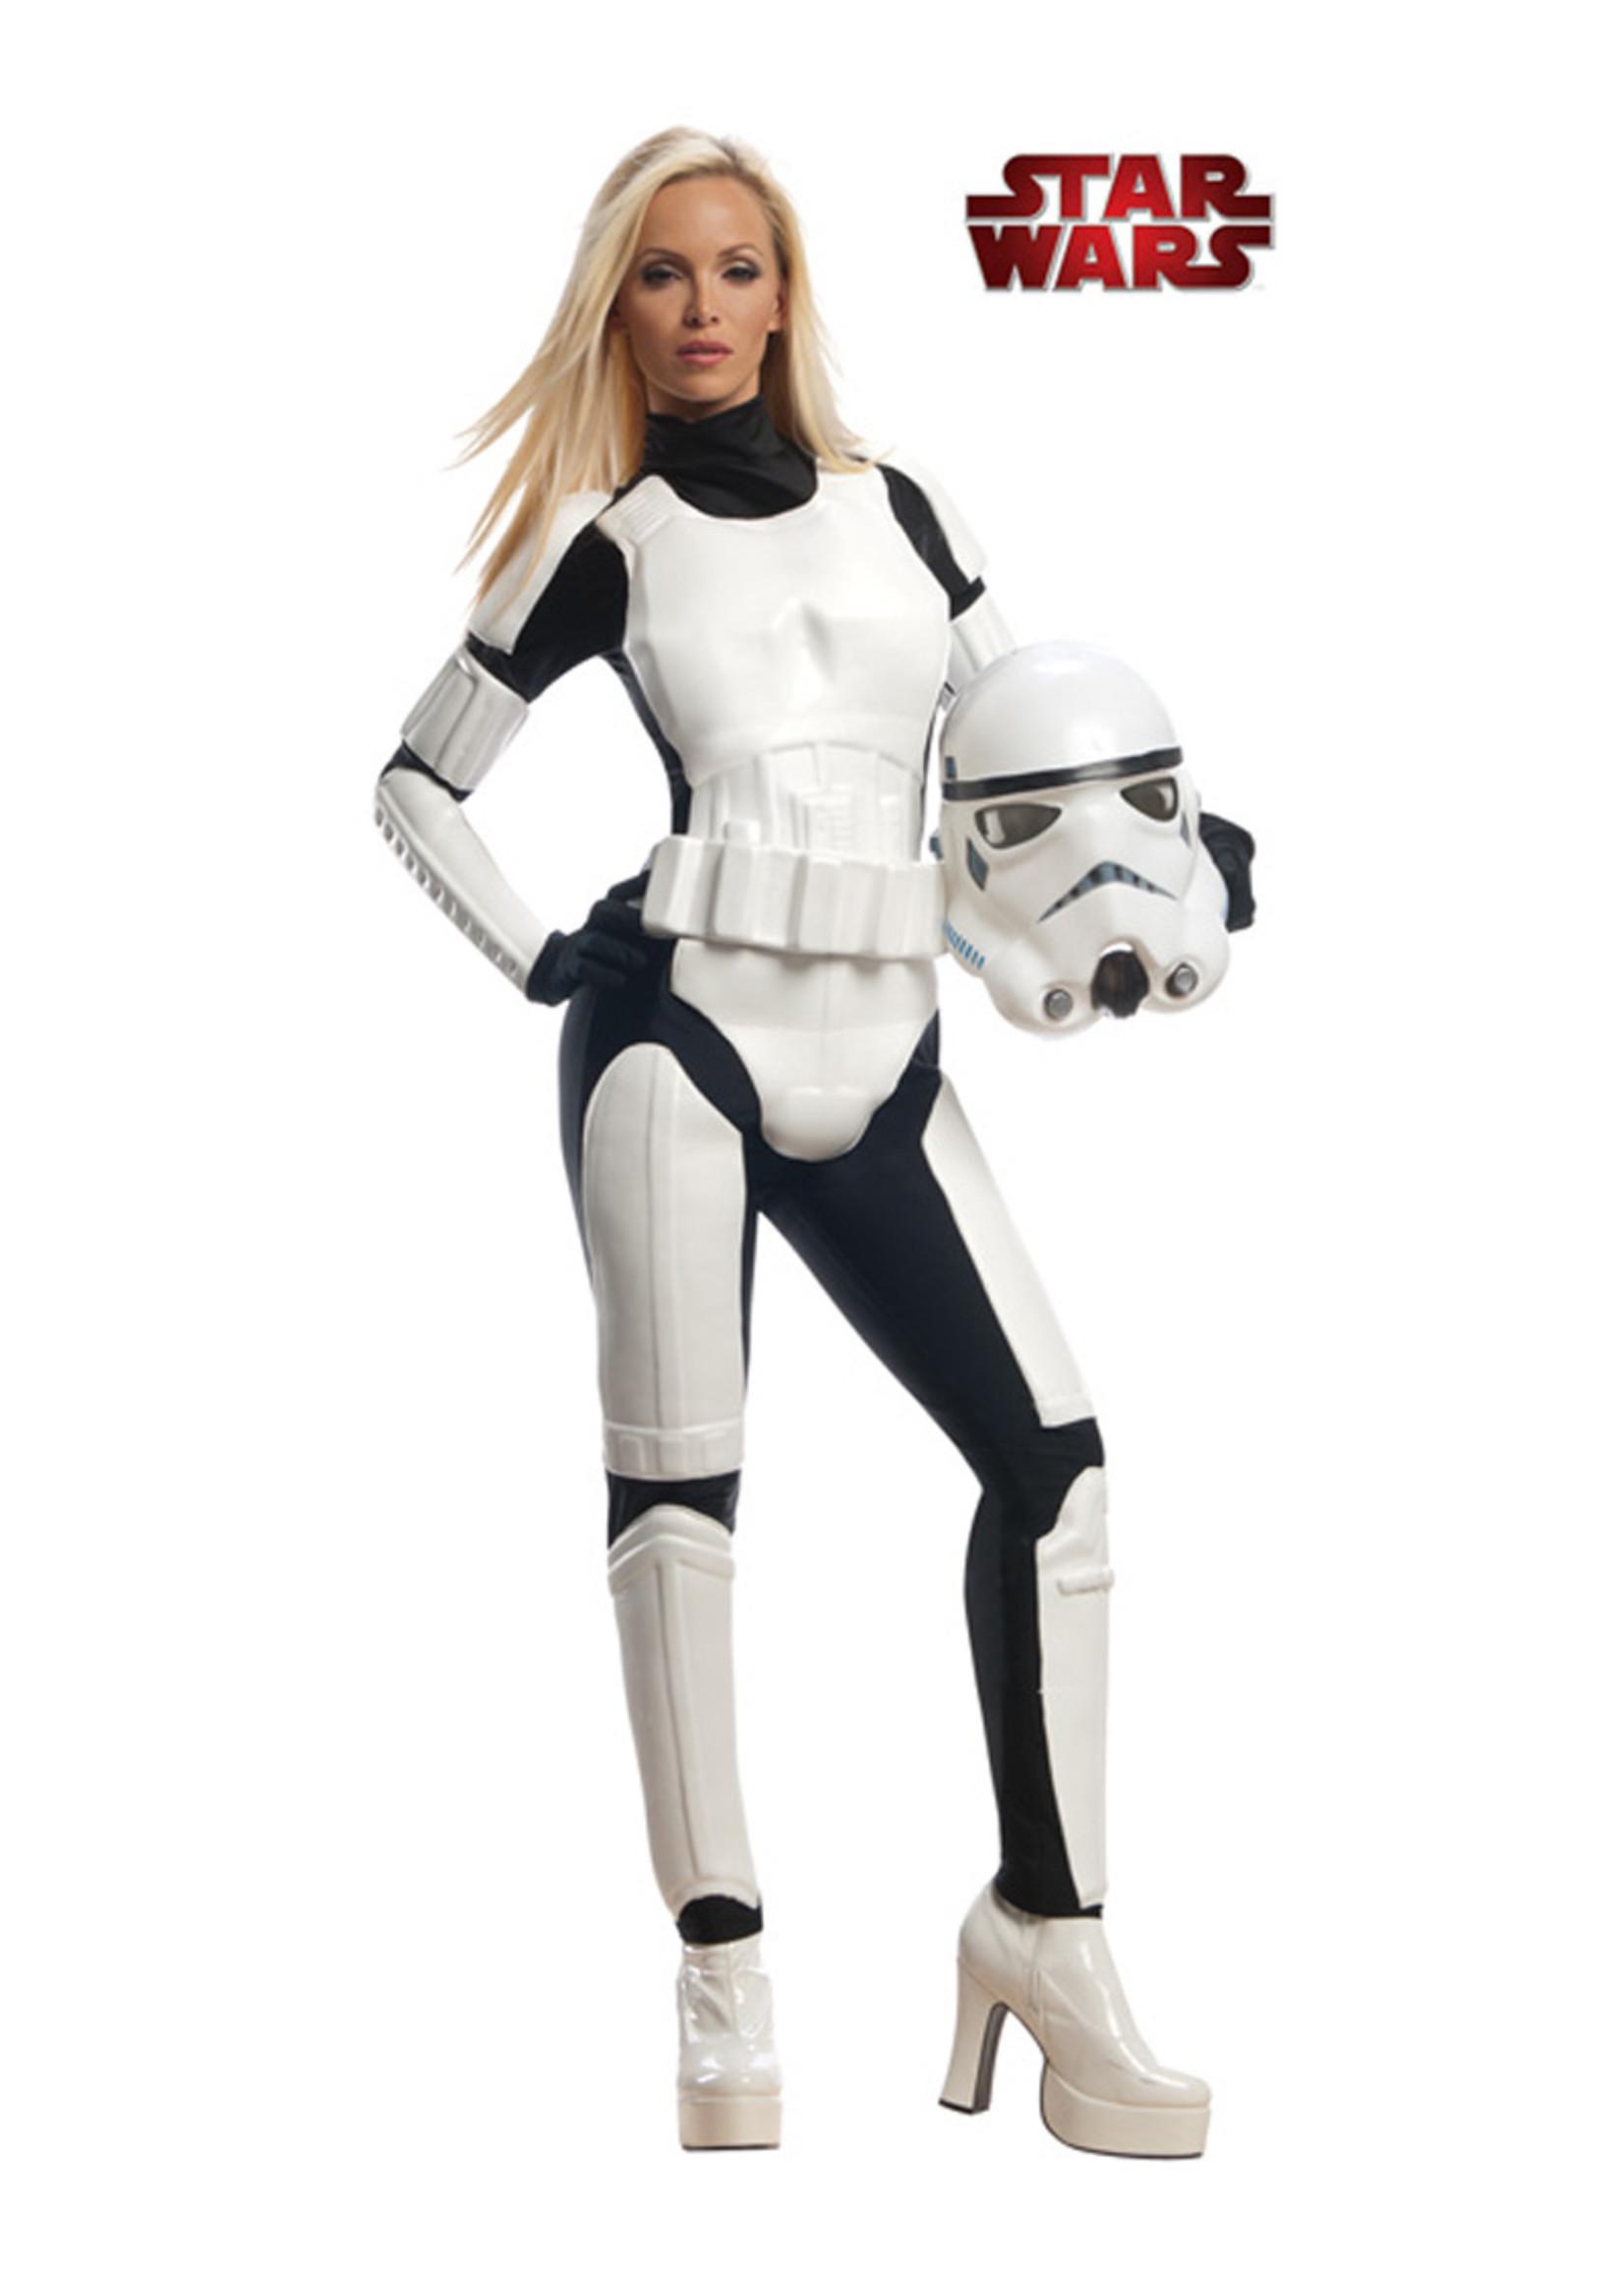 Stormtrooper Costume - Women's